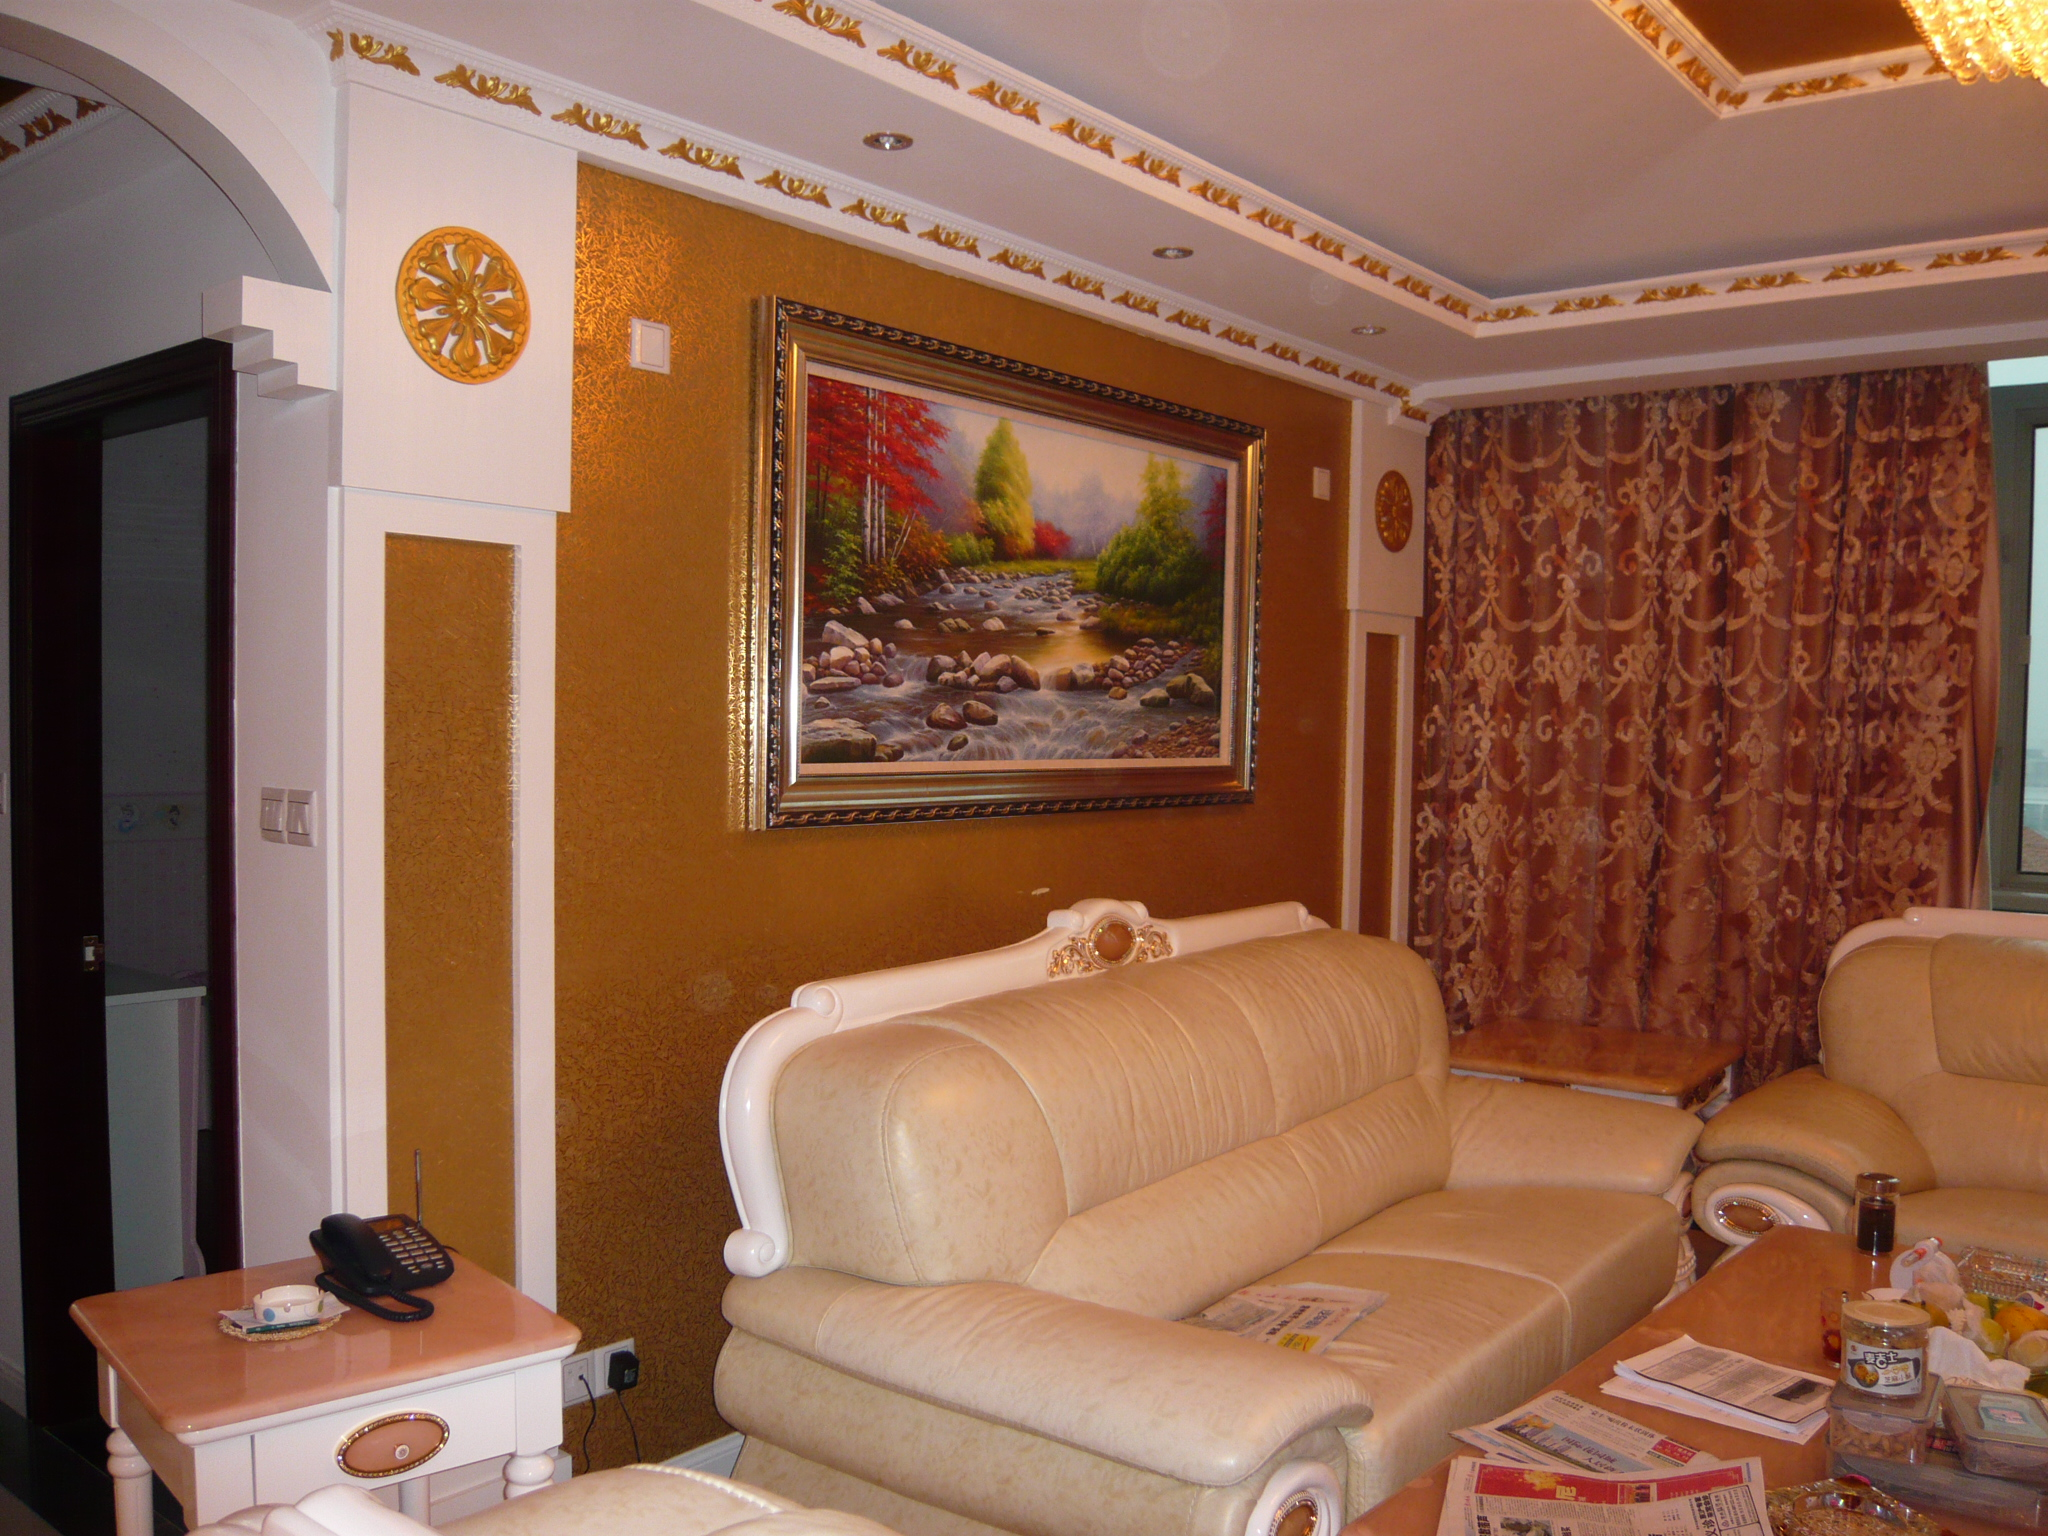 简约欧式风格客厅沙发墙挂画图片欣赏装修效果图